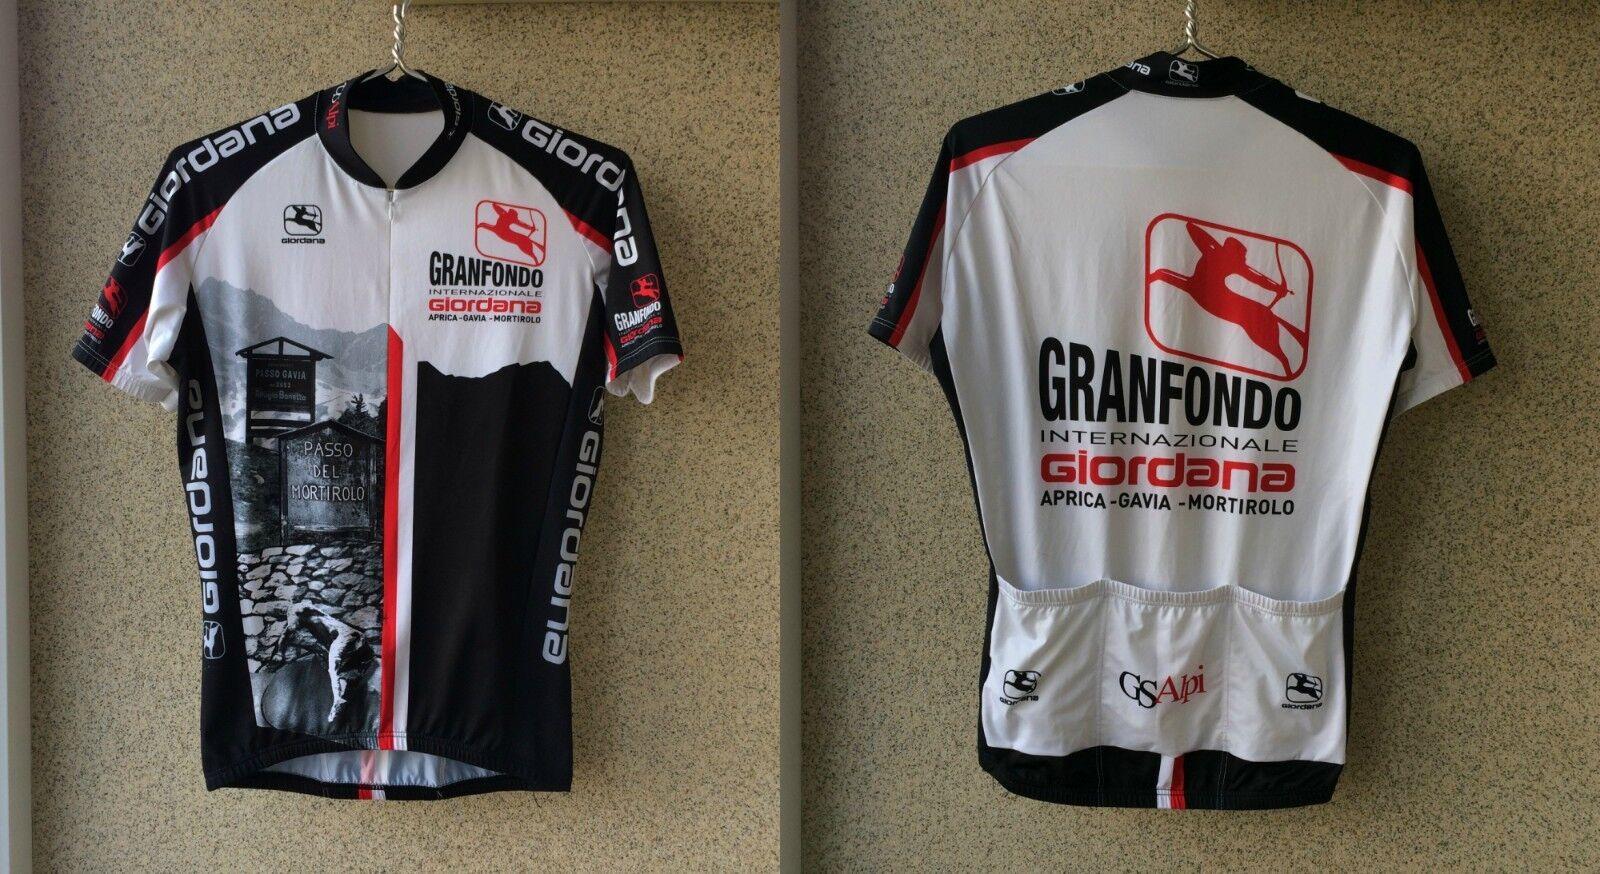 Granfondo Internazionale Giordana Cyclungo shirt M Jersey  Cycling Camiseta